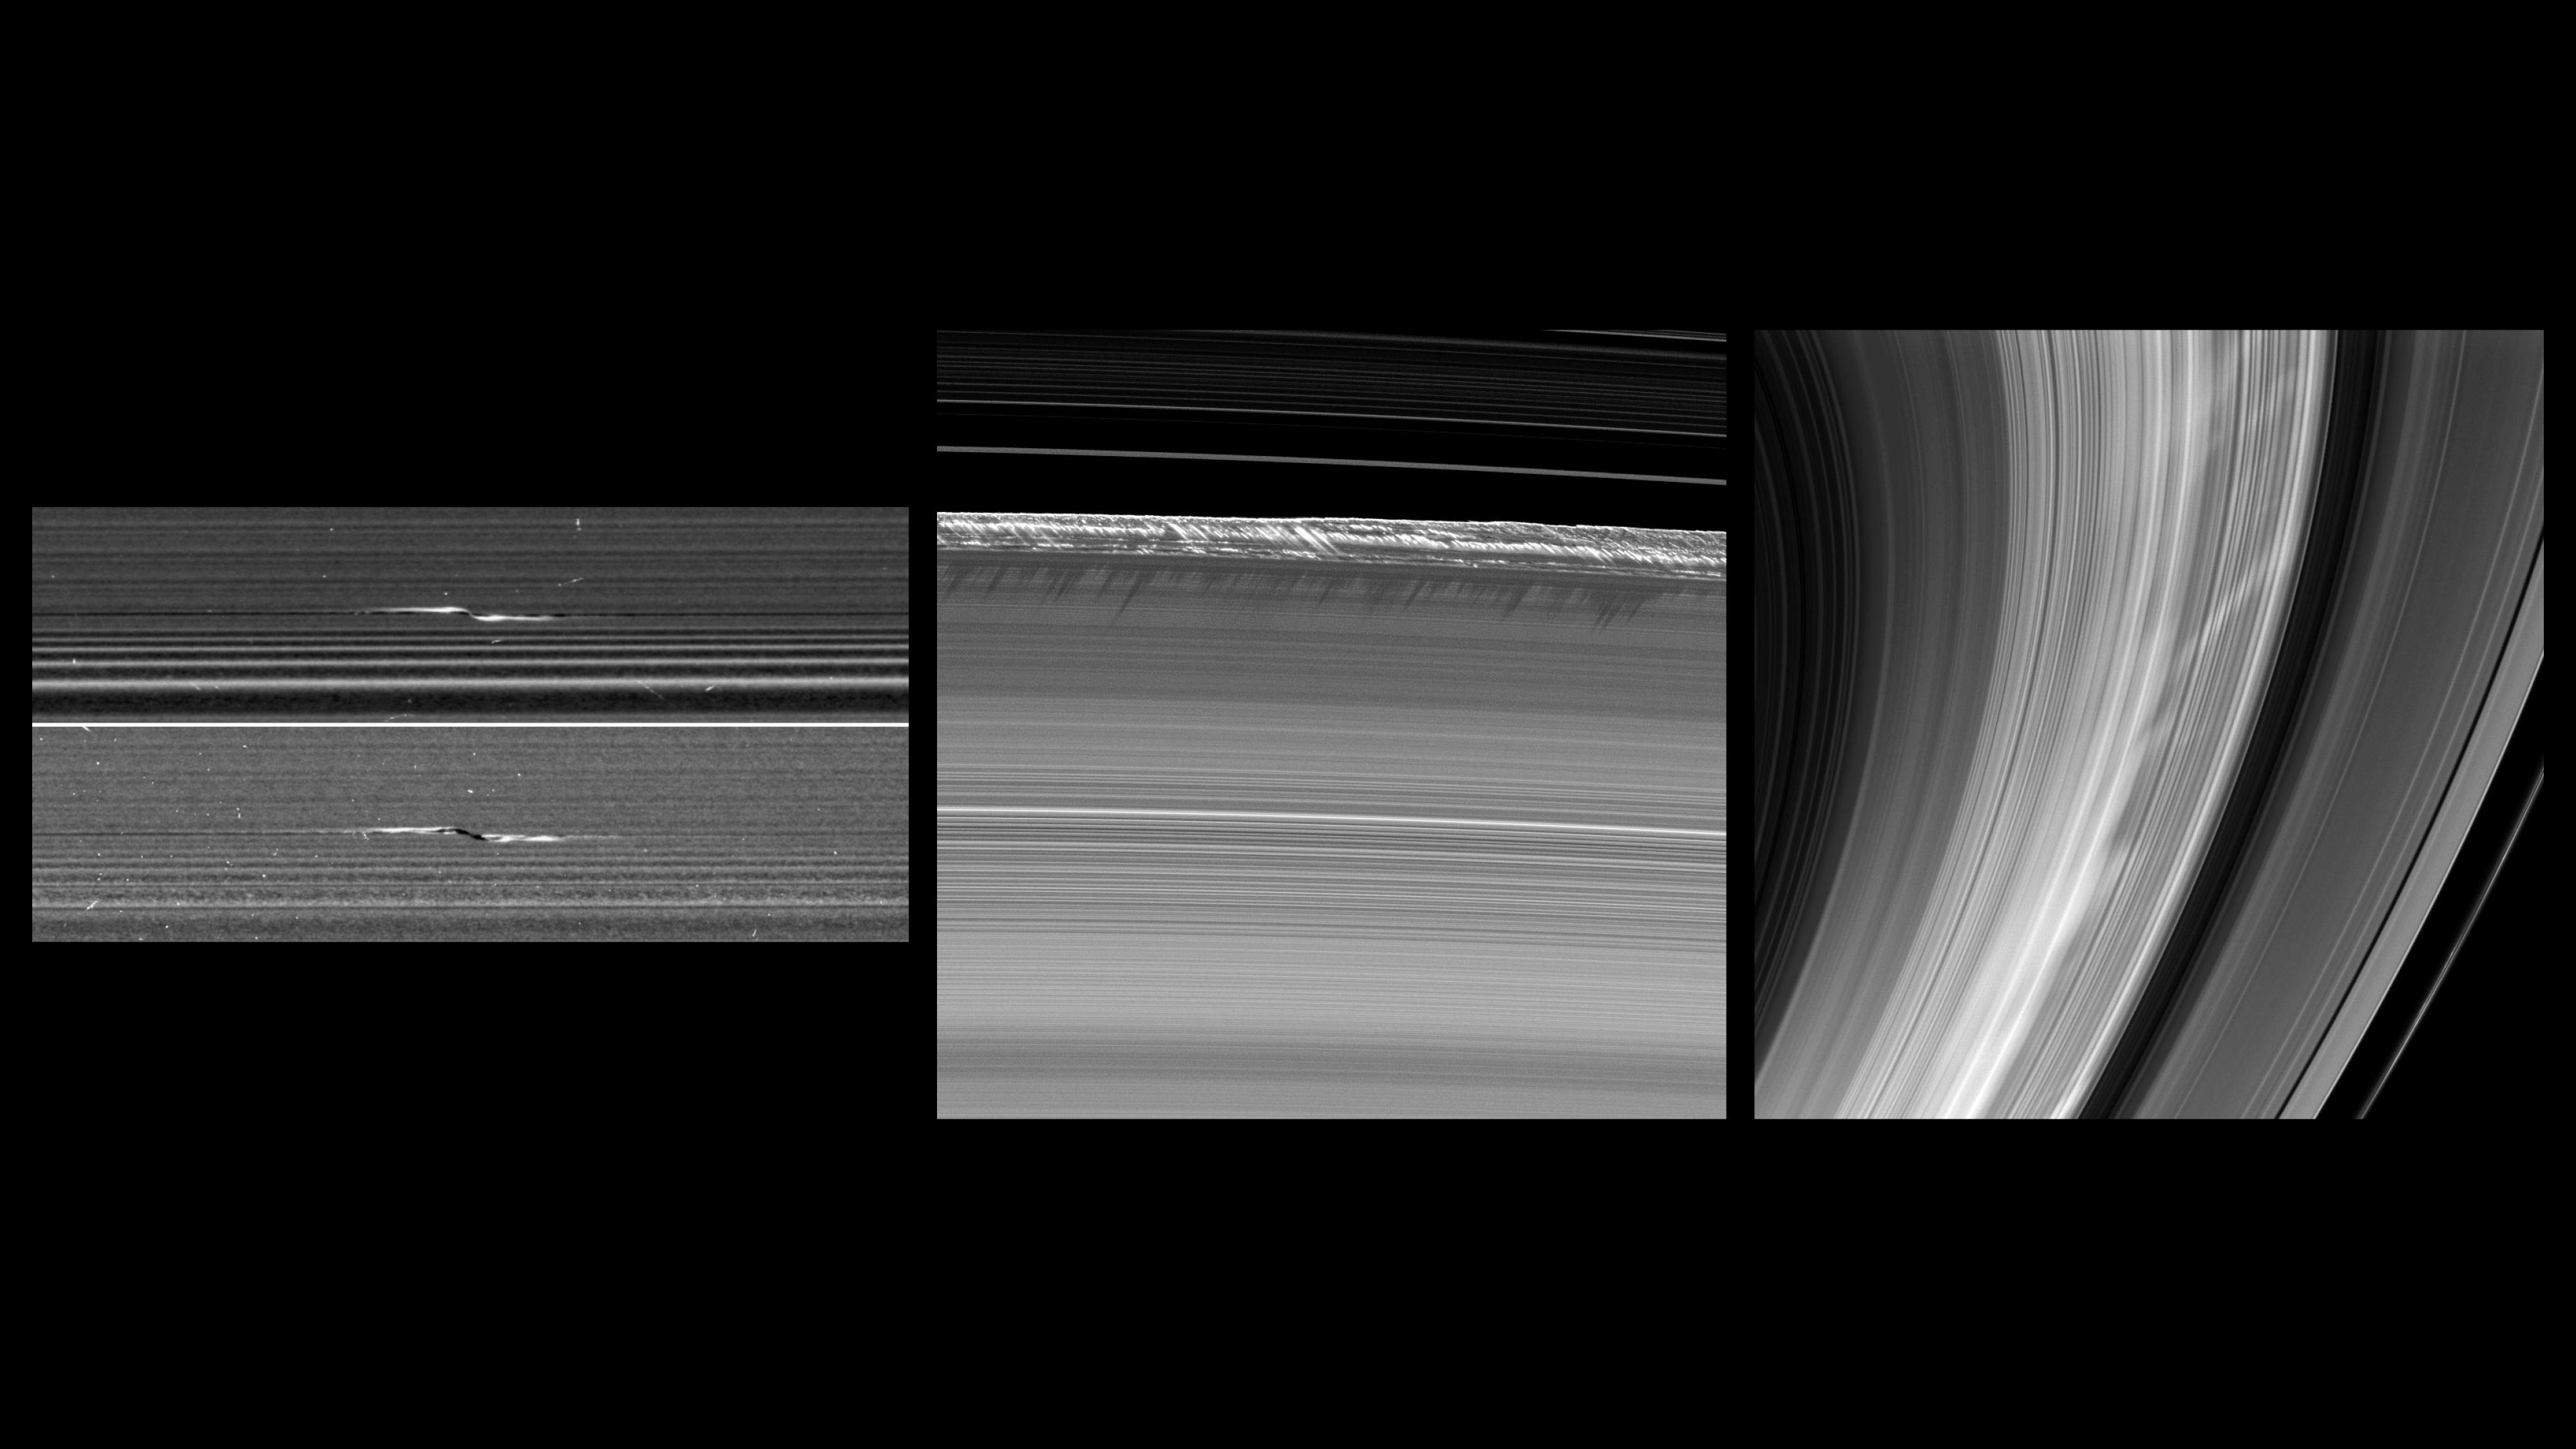 1567214827615-Cassini_Saturn_rings_composite.jpg